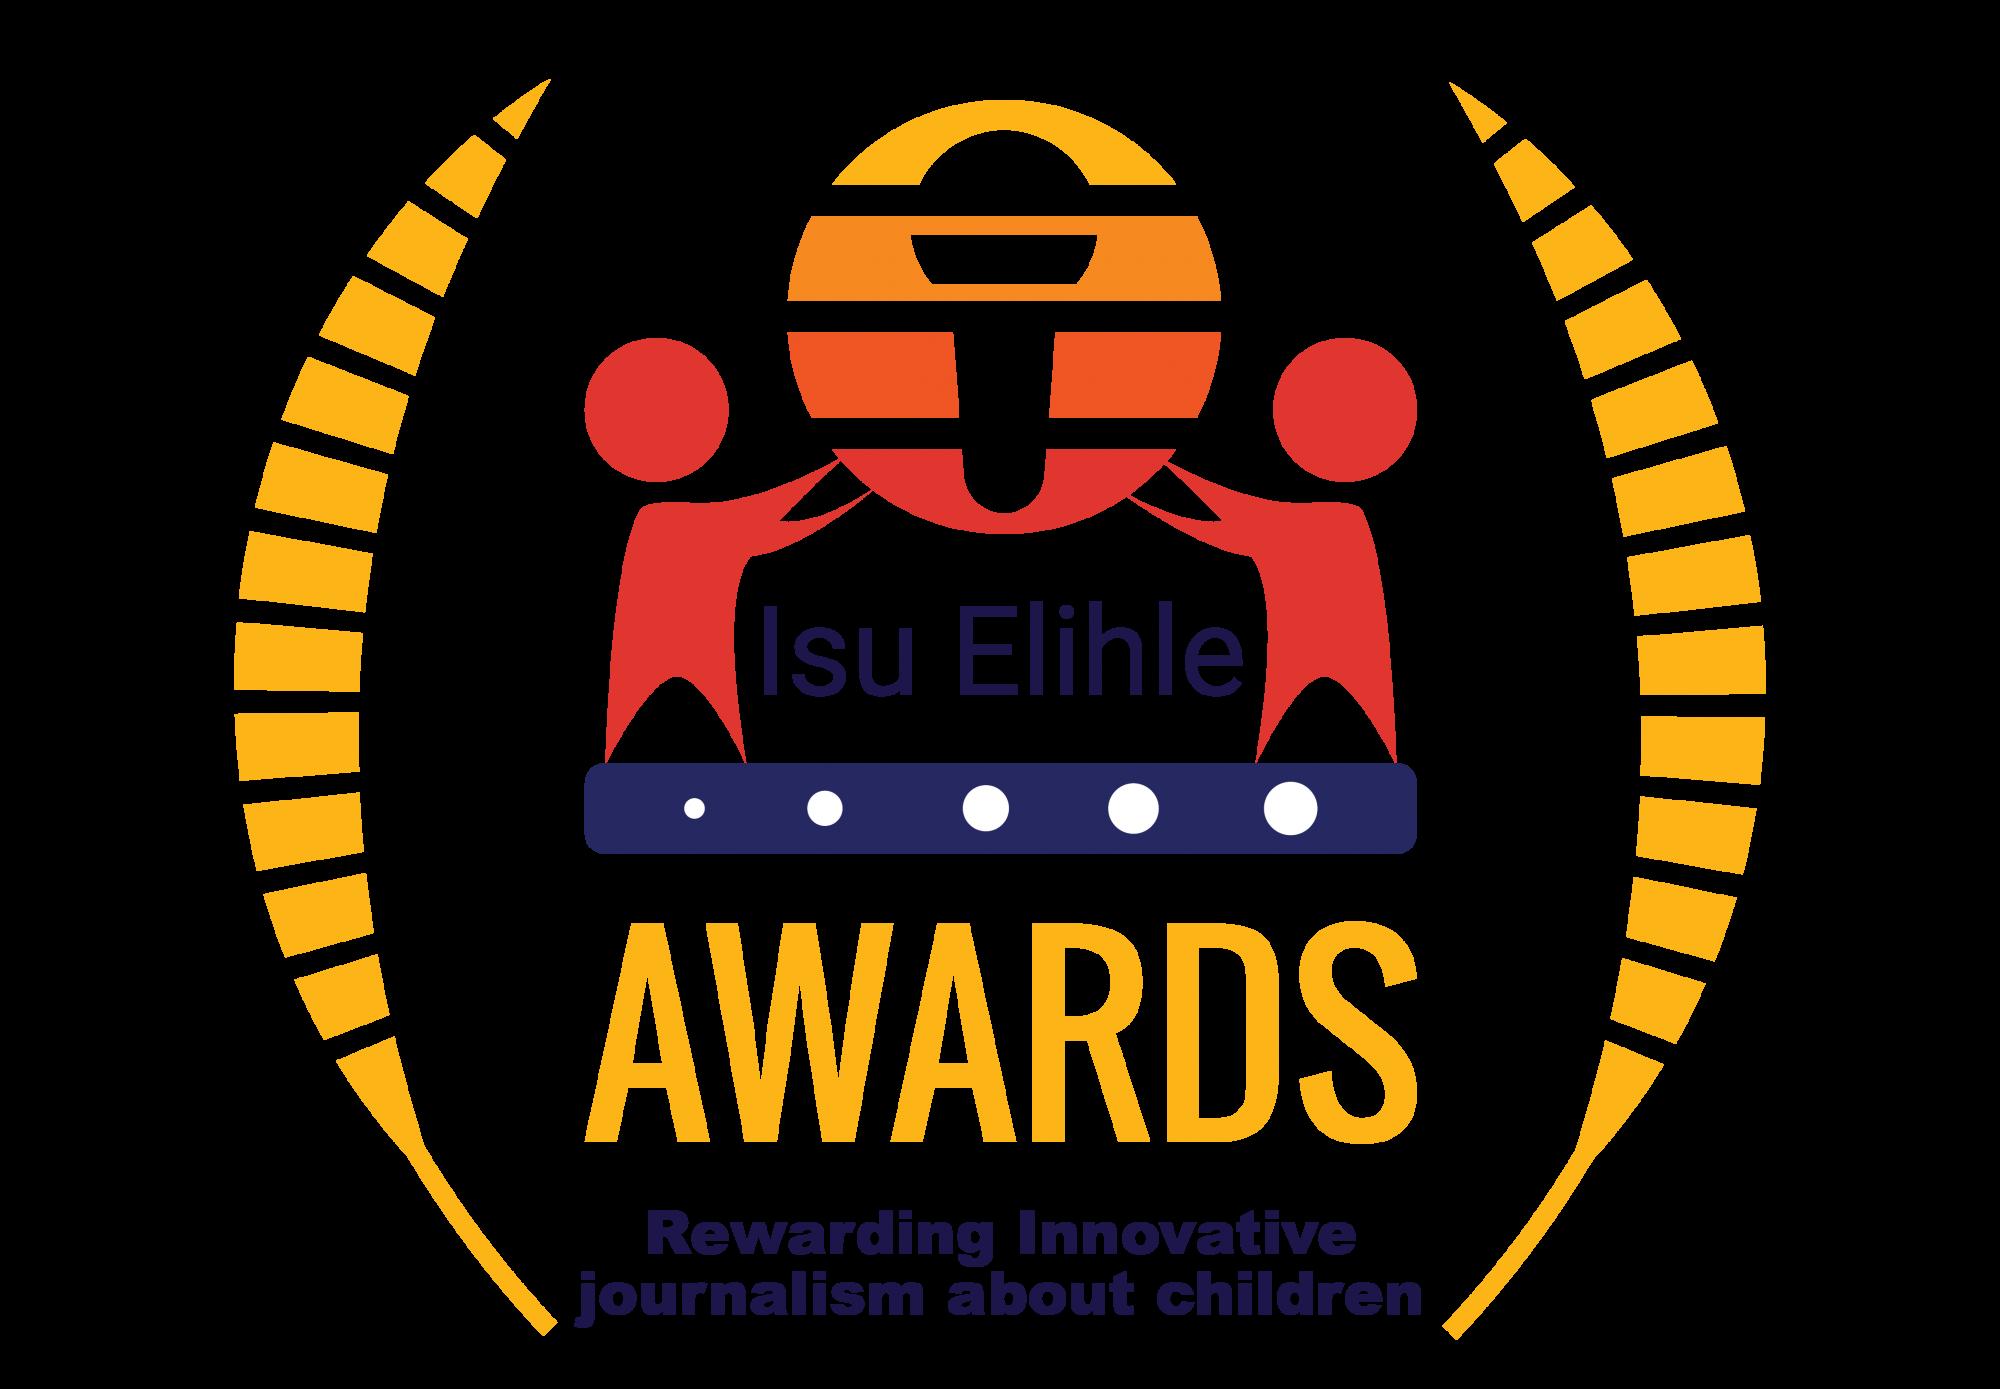 Isu Elihle Awards